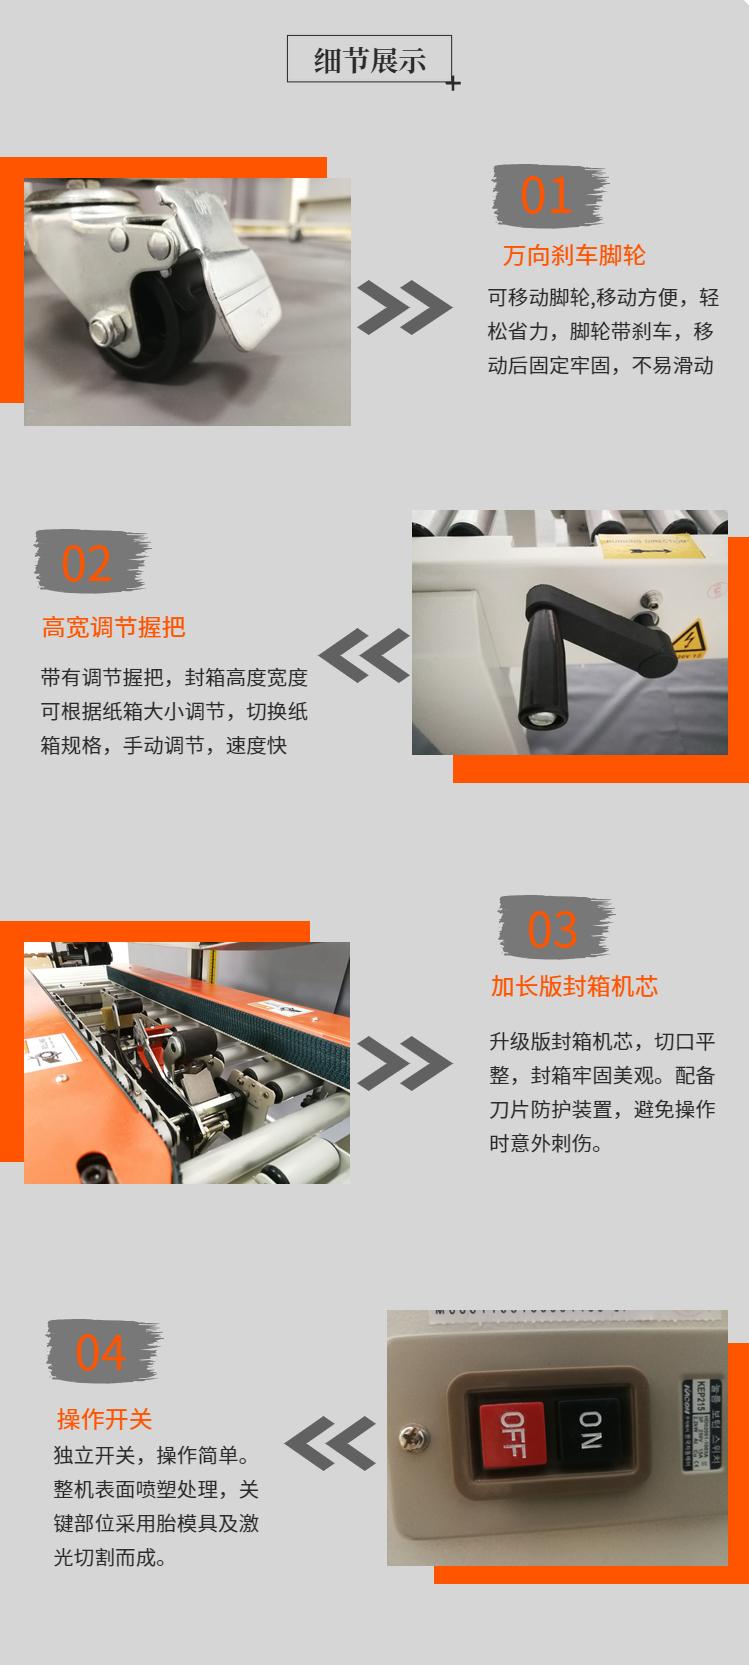 高速十字封箱機SmartF06-G-詳情-副本_-11